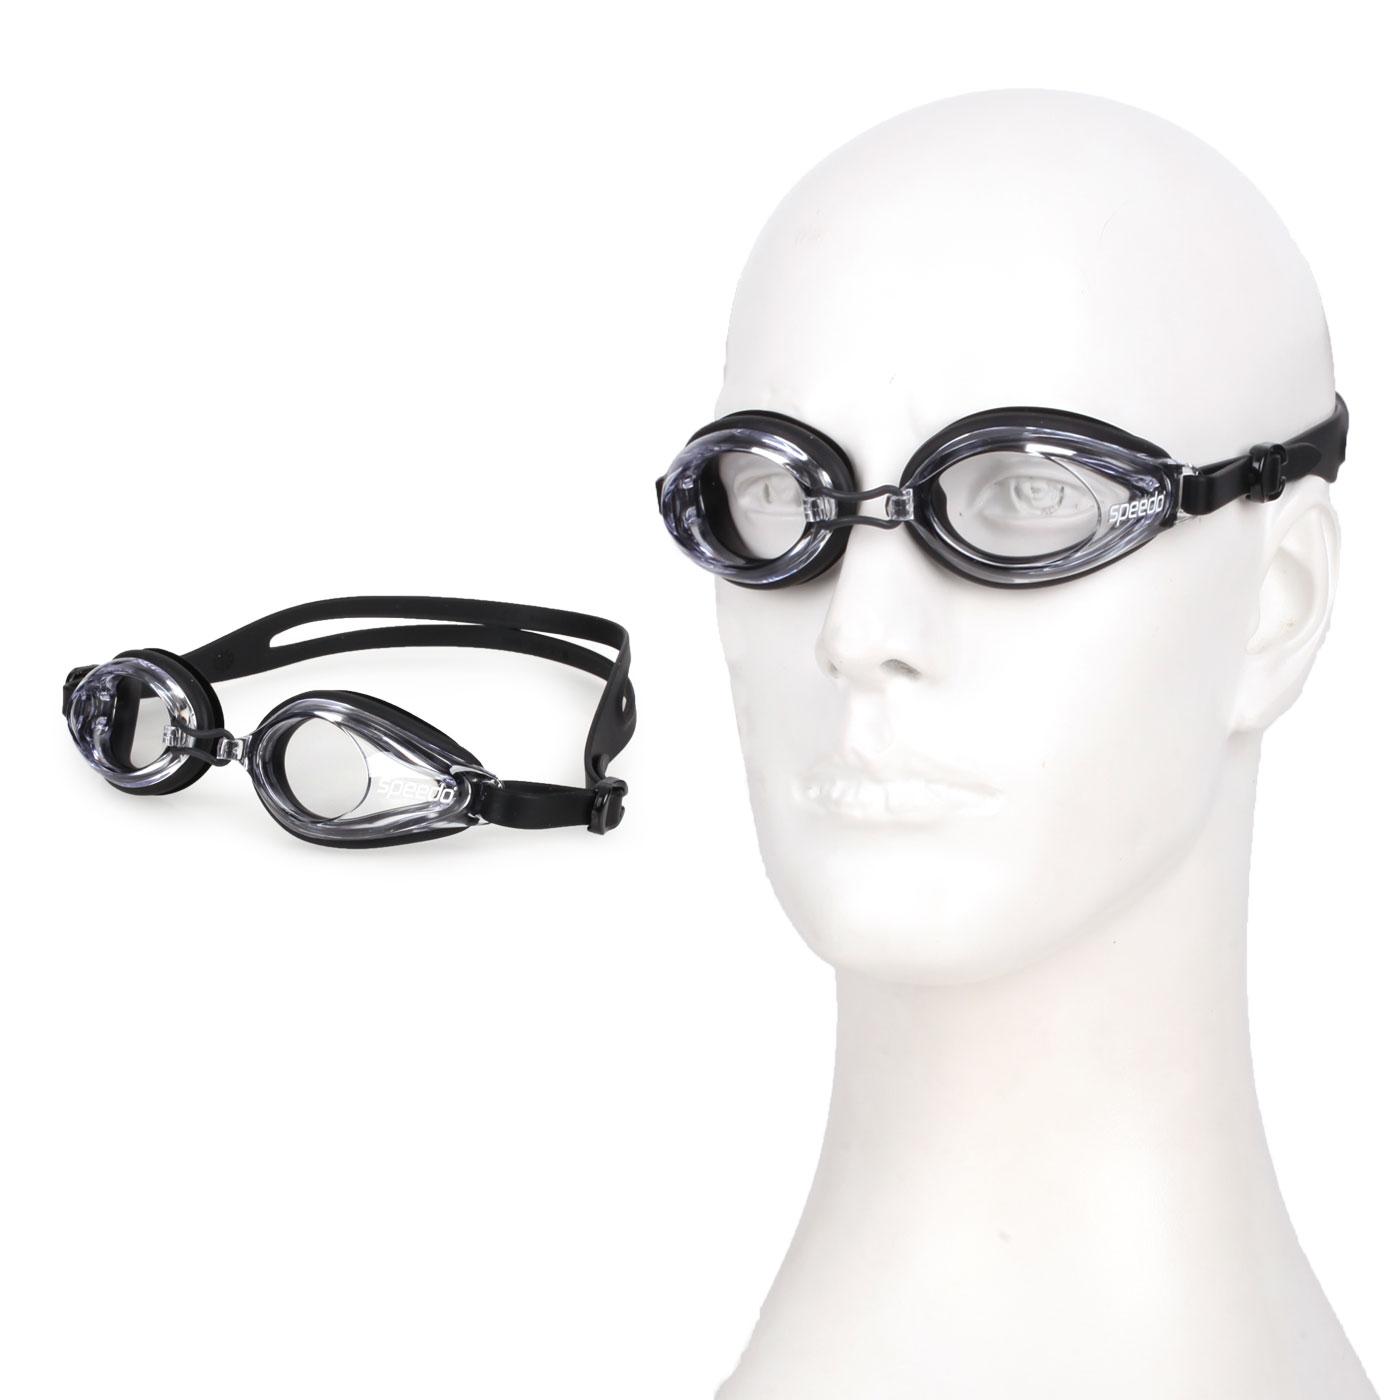 SPEEDO 成人泳鏡 SD8120047649 - 黑透明